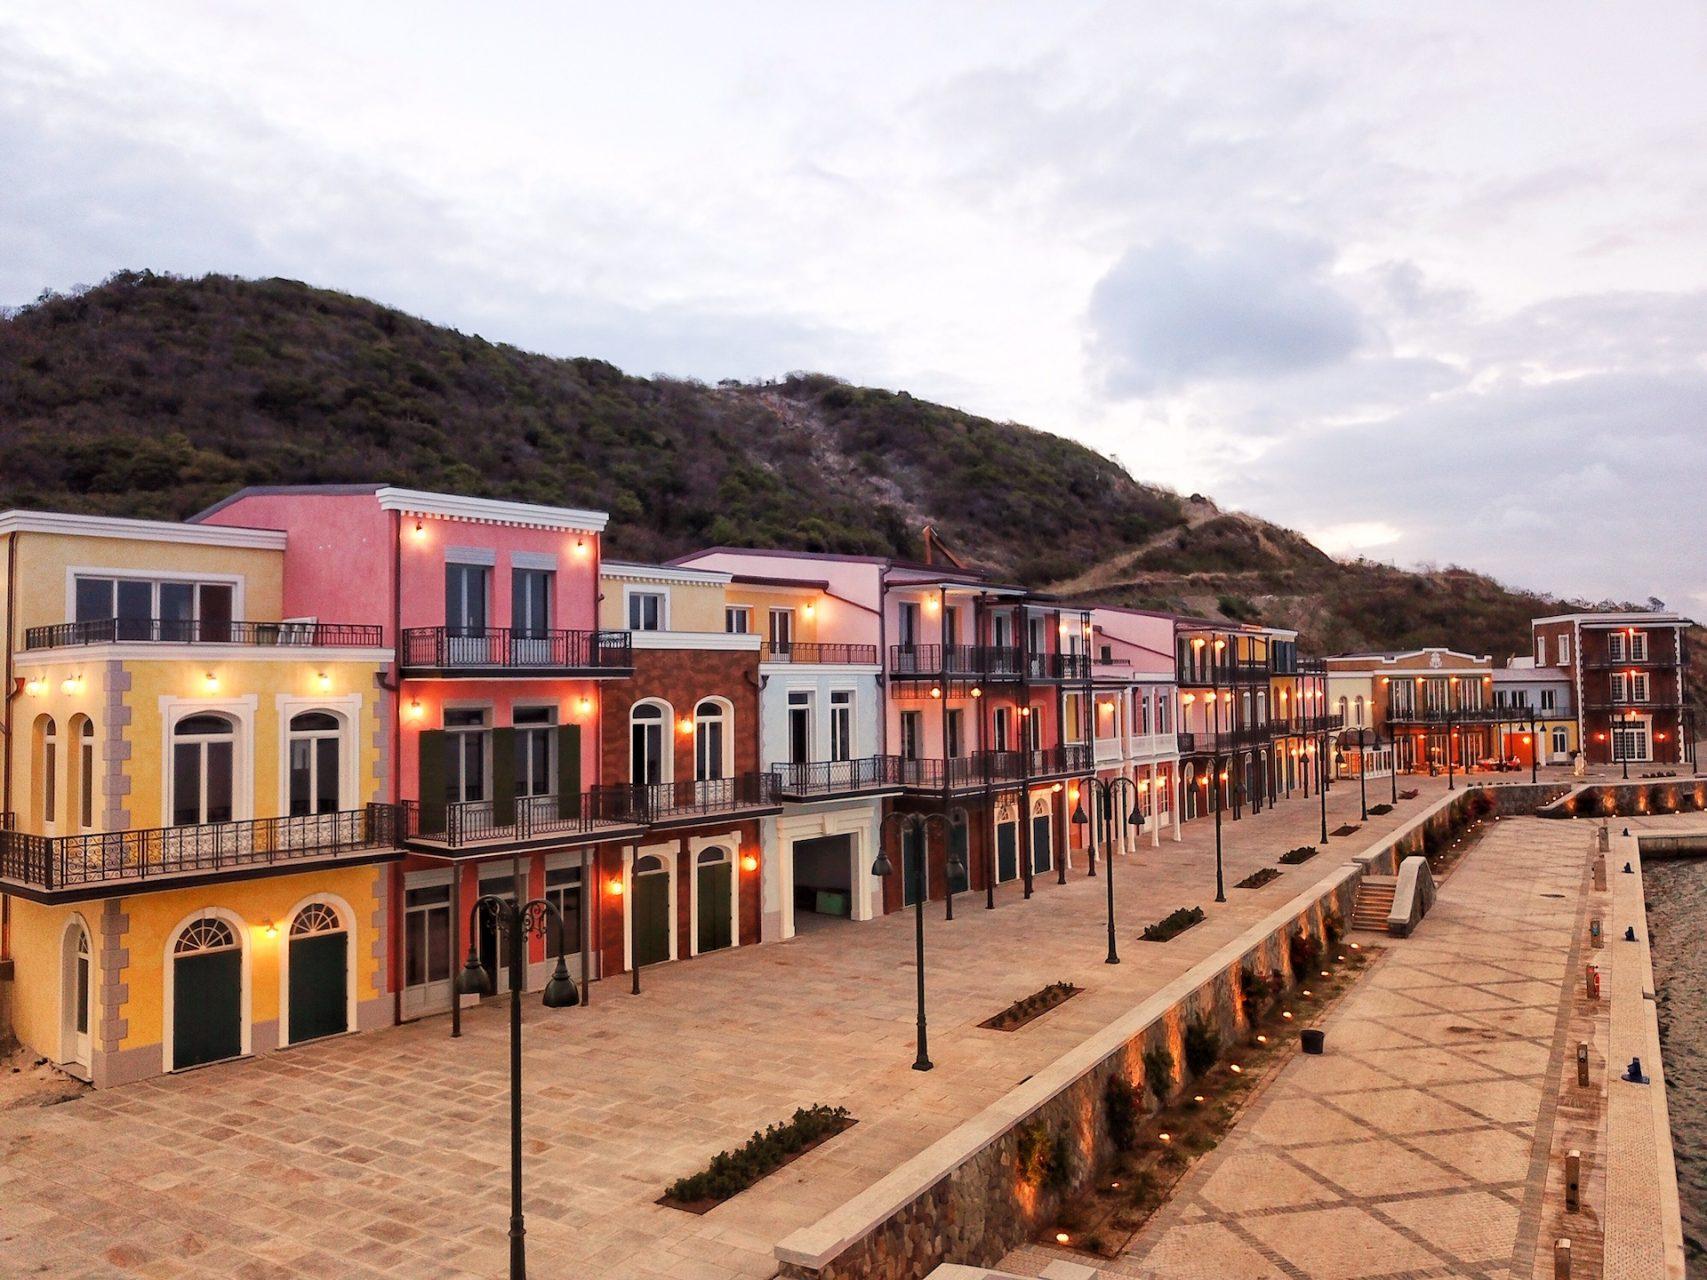 The marina plaza